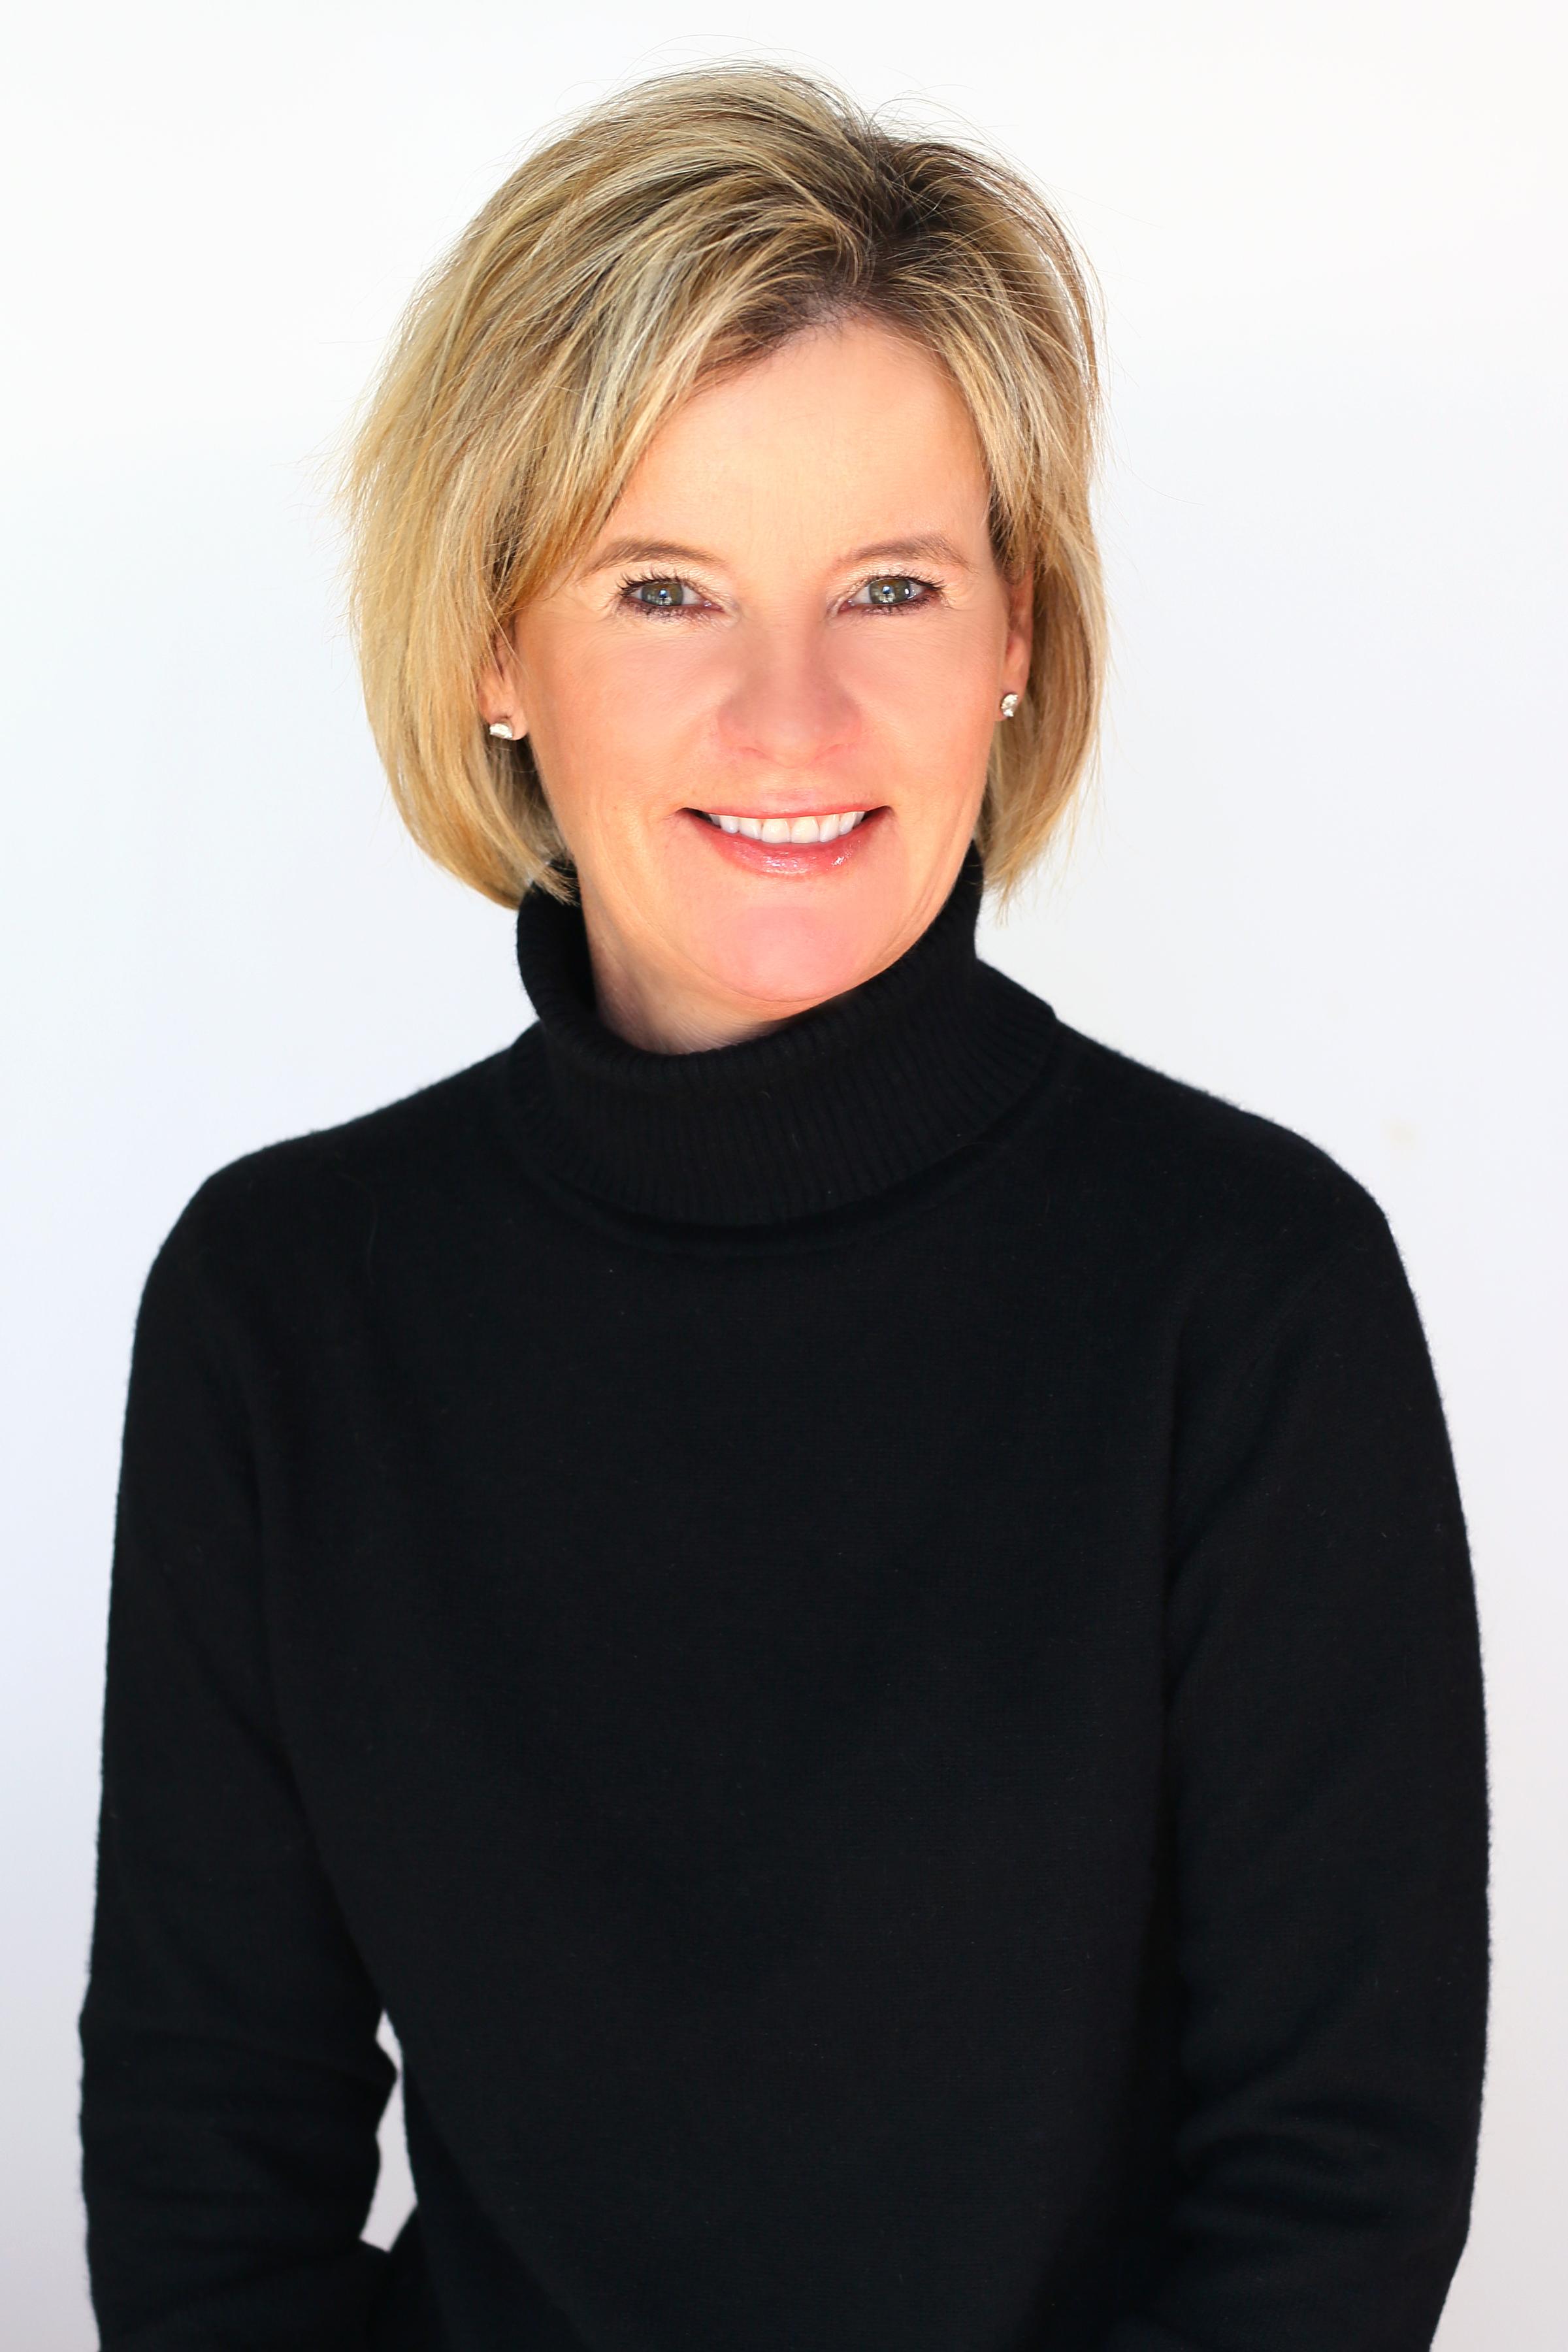 Kelli Beckett Hatfield